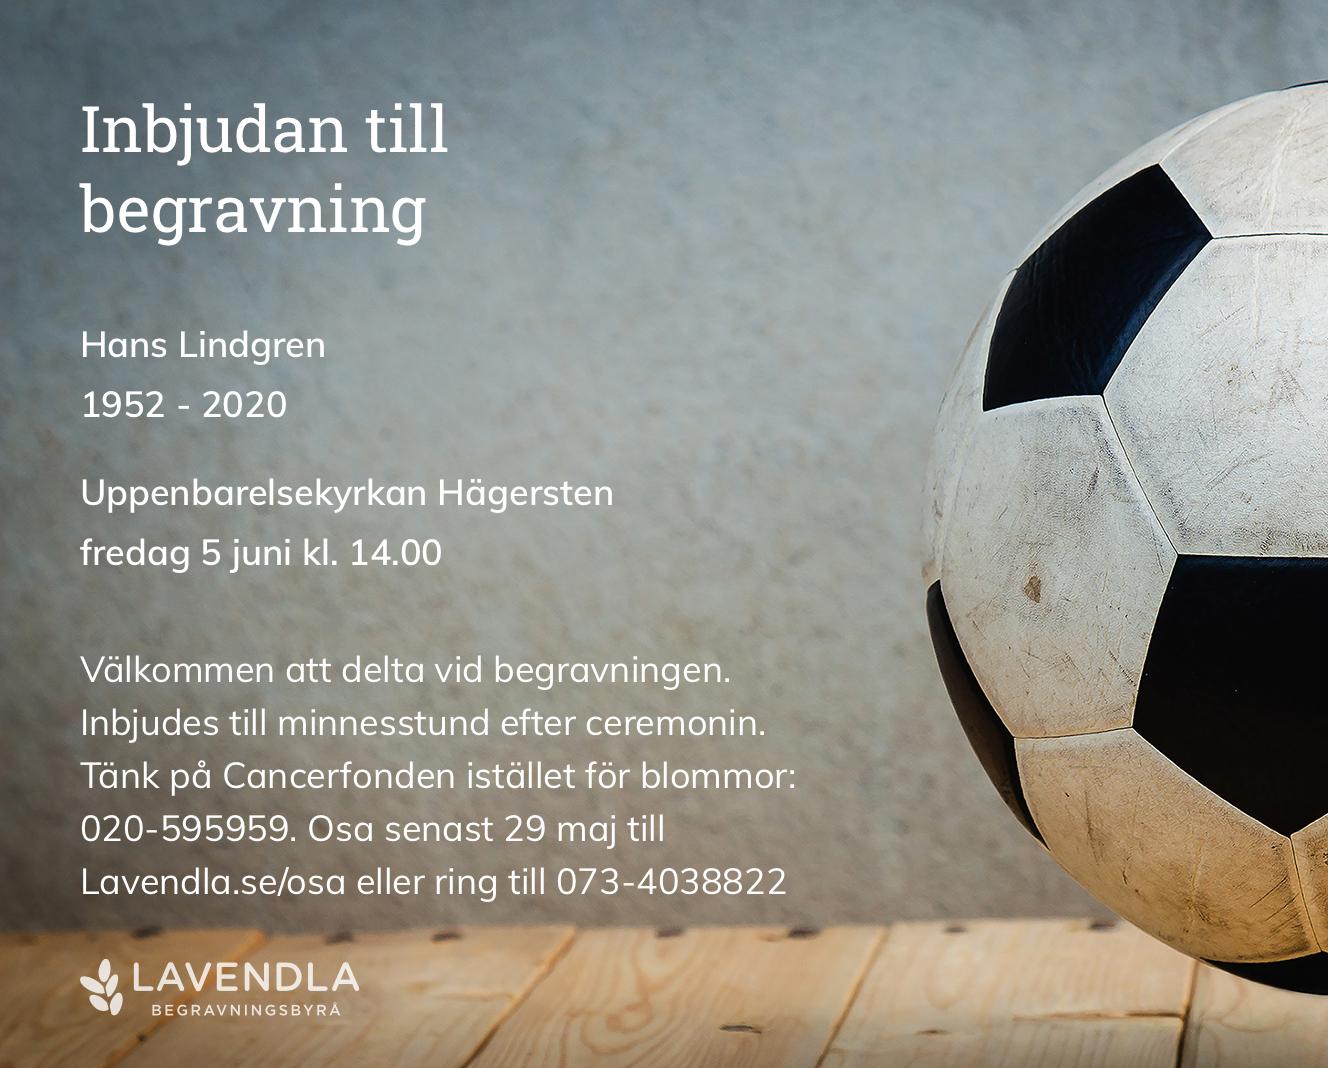 Inbjudningskort till ceremonin för Hans Lindgren